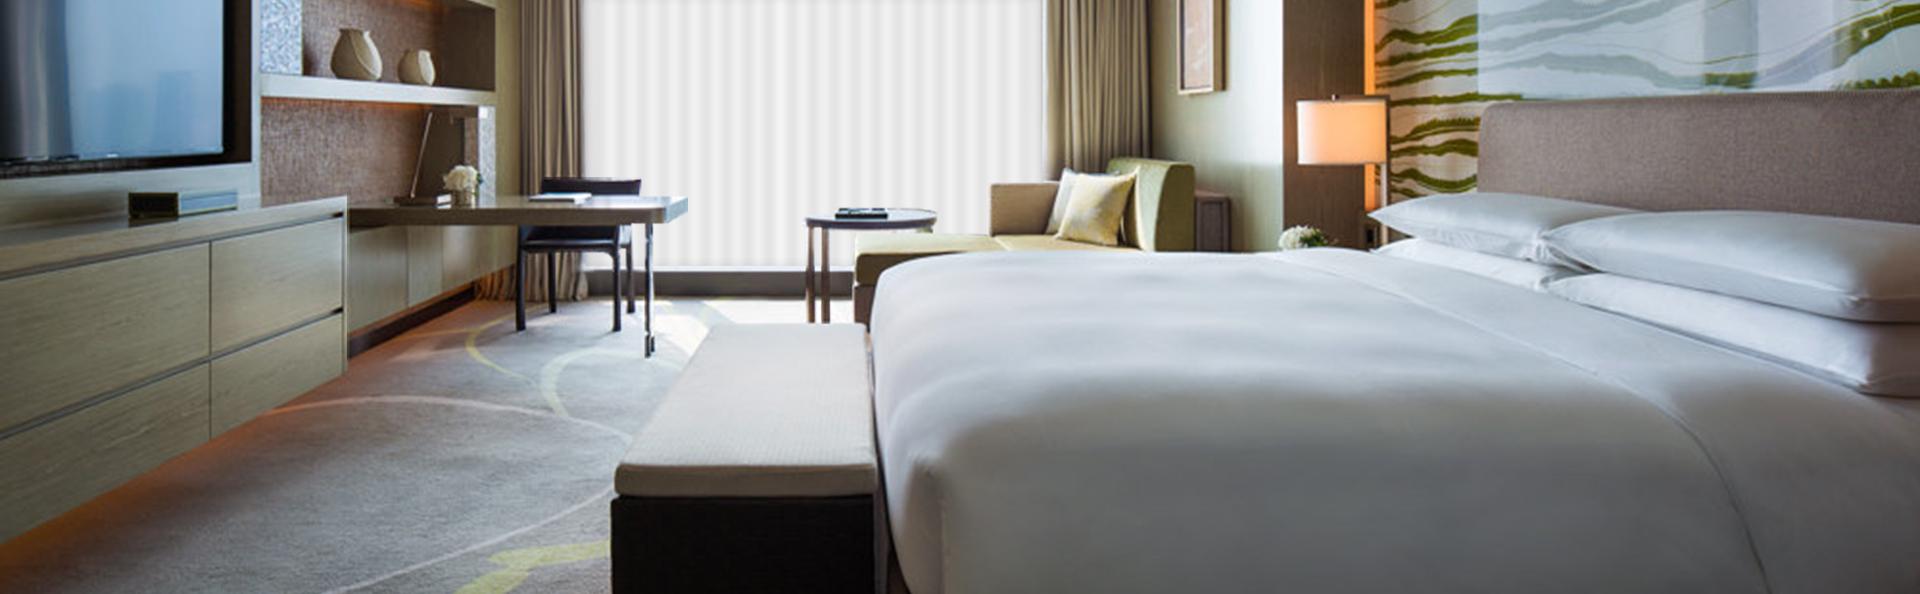 KWSD hotel room